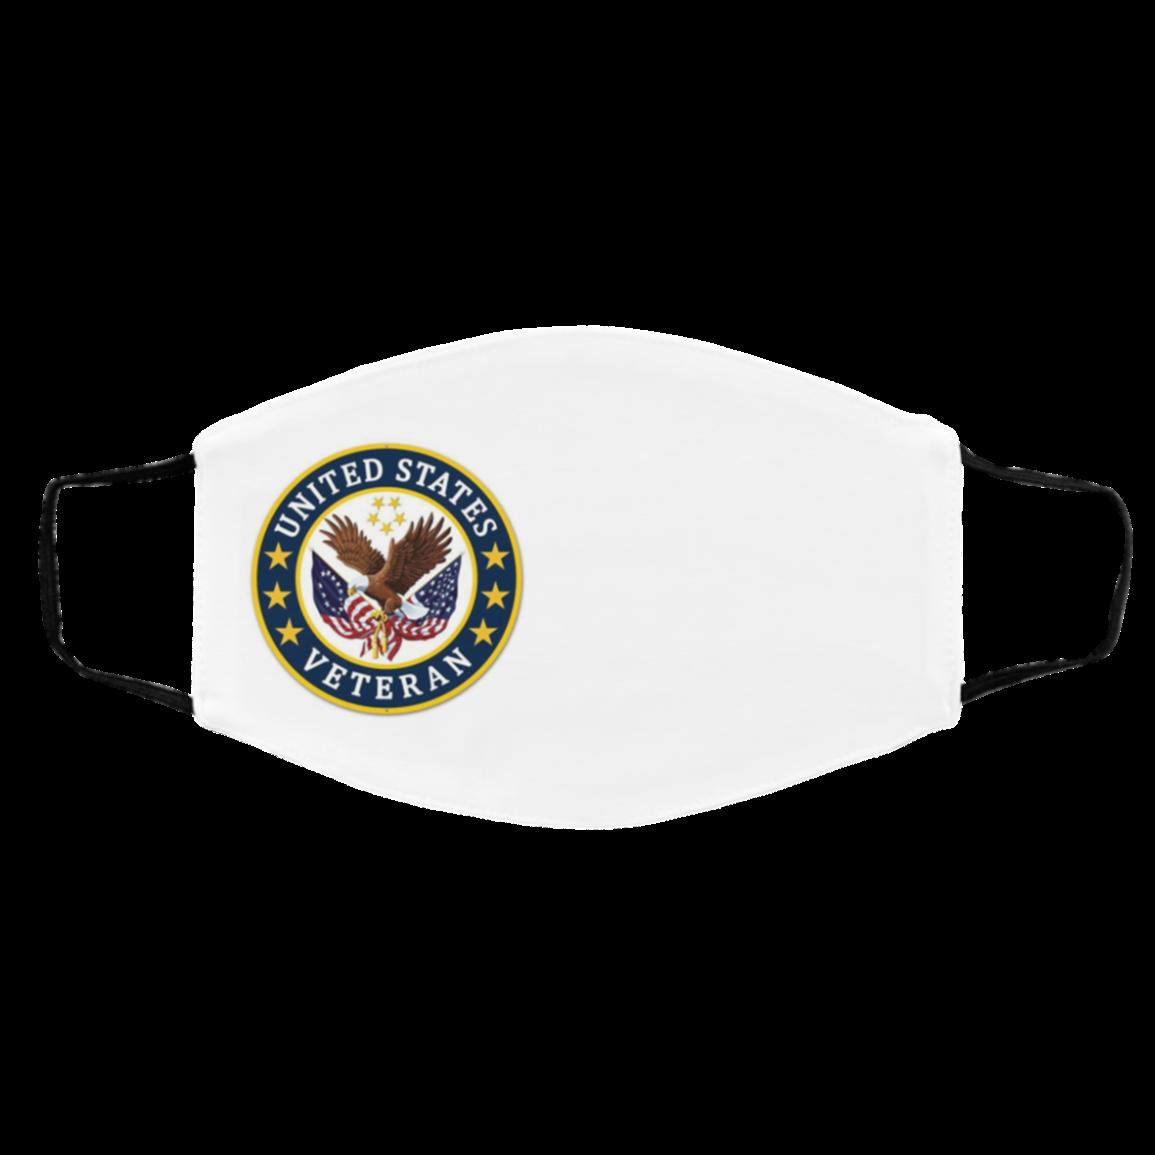 Bald Eagle US Coast- G-uard Veteran Face Mask